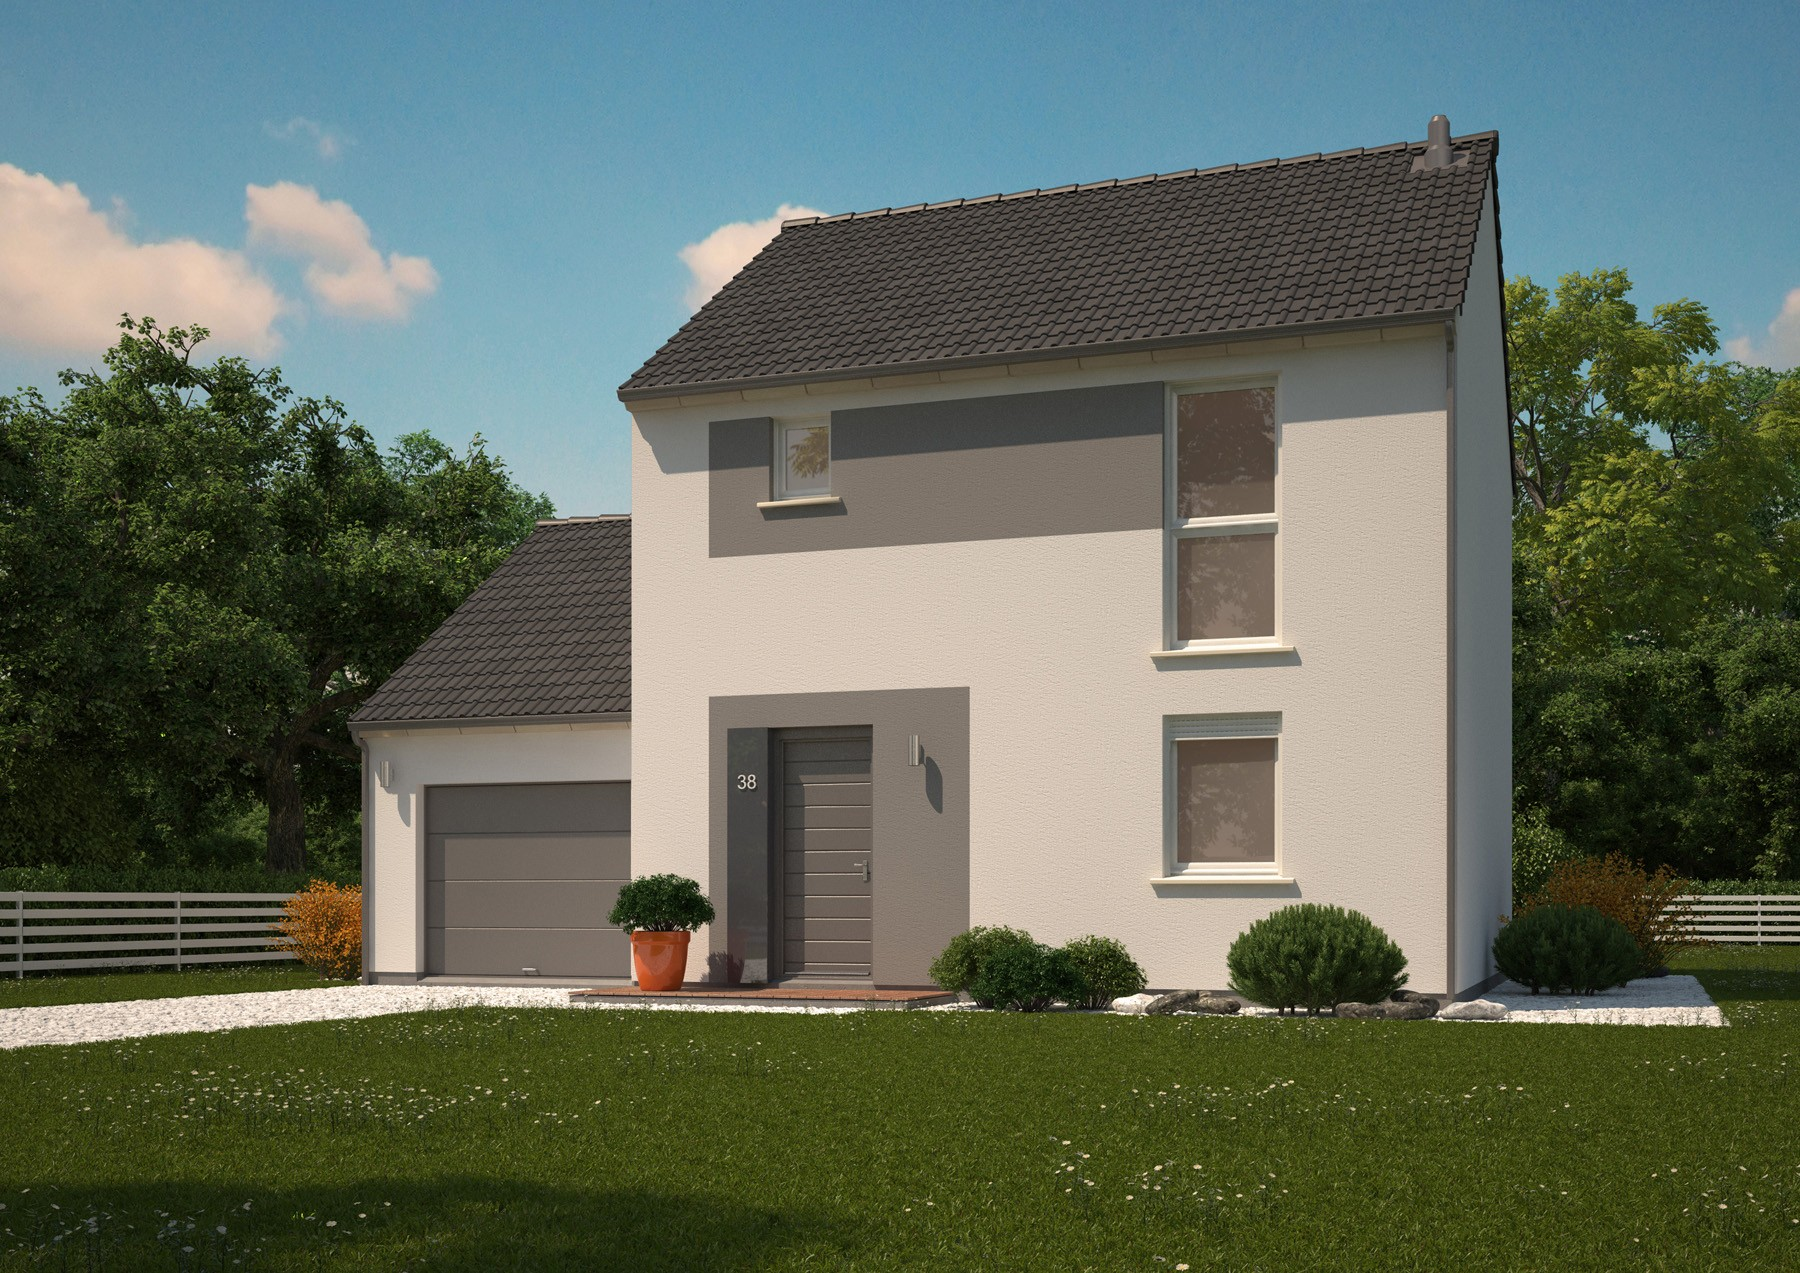 Maison neuve 200 000 euros vente maison 350 m u20ac for Budget construction maison 200 000 euros